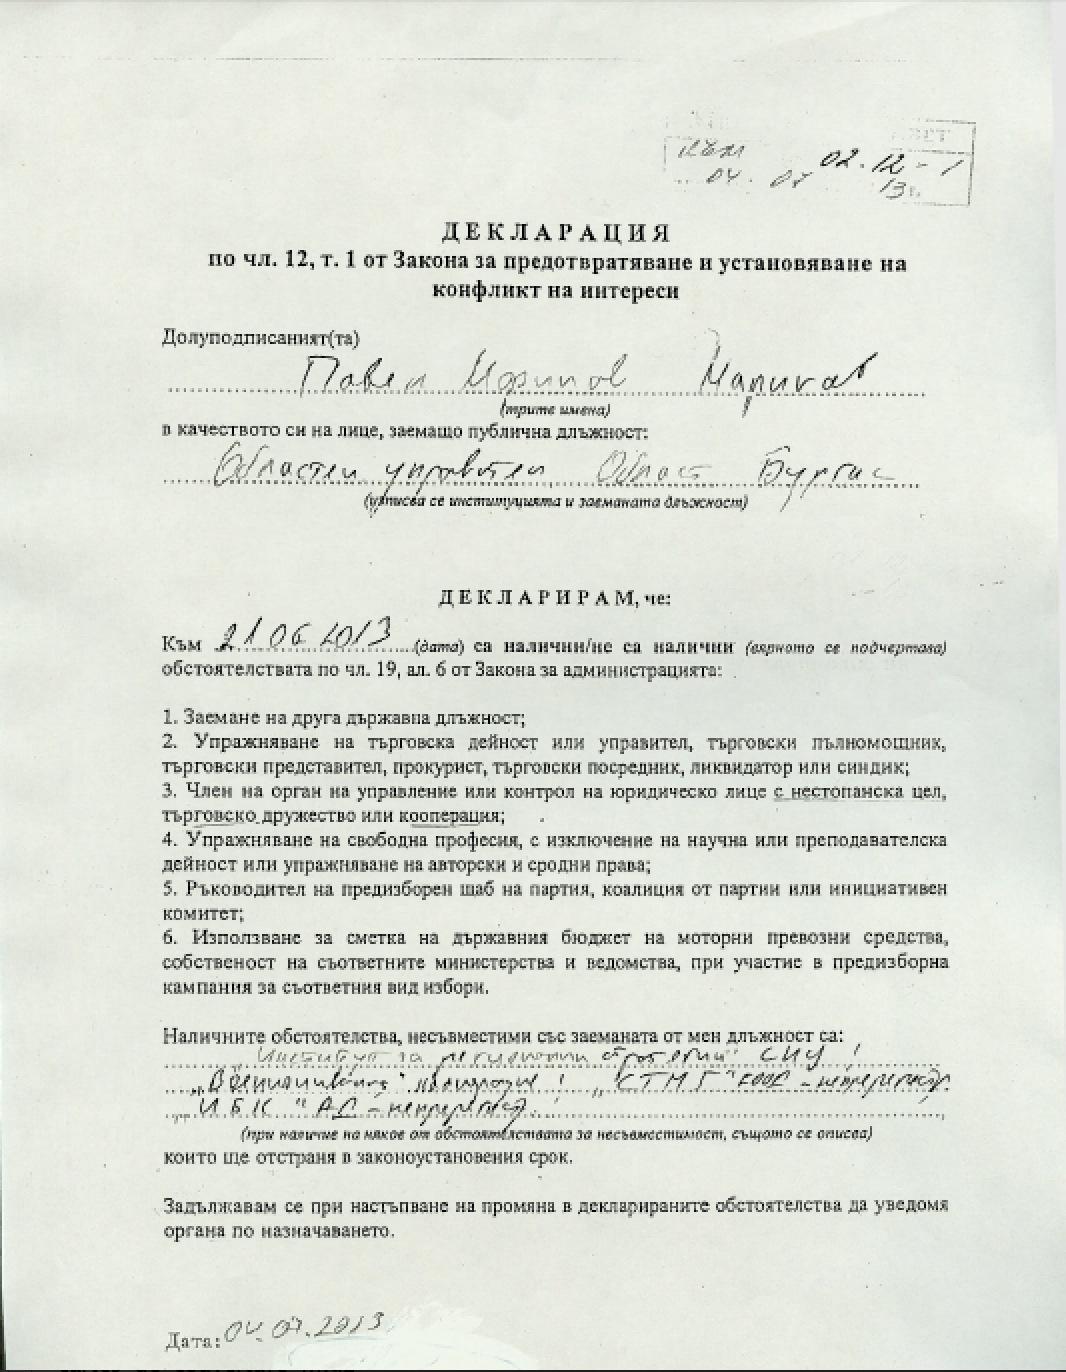 marinov-dekl-1